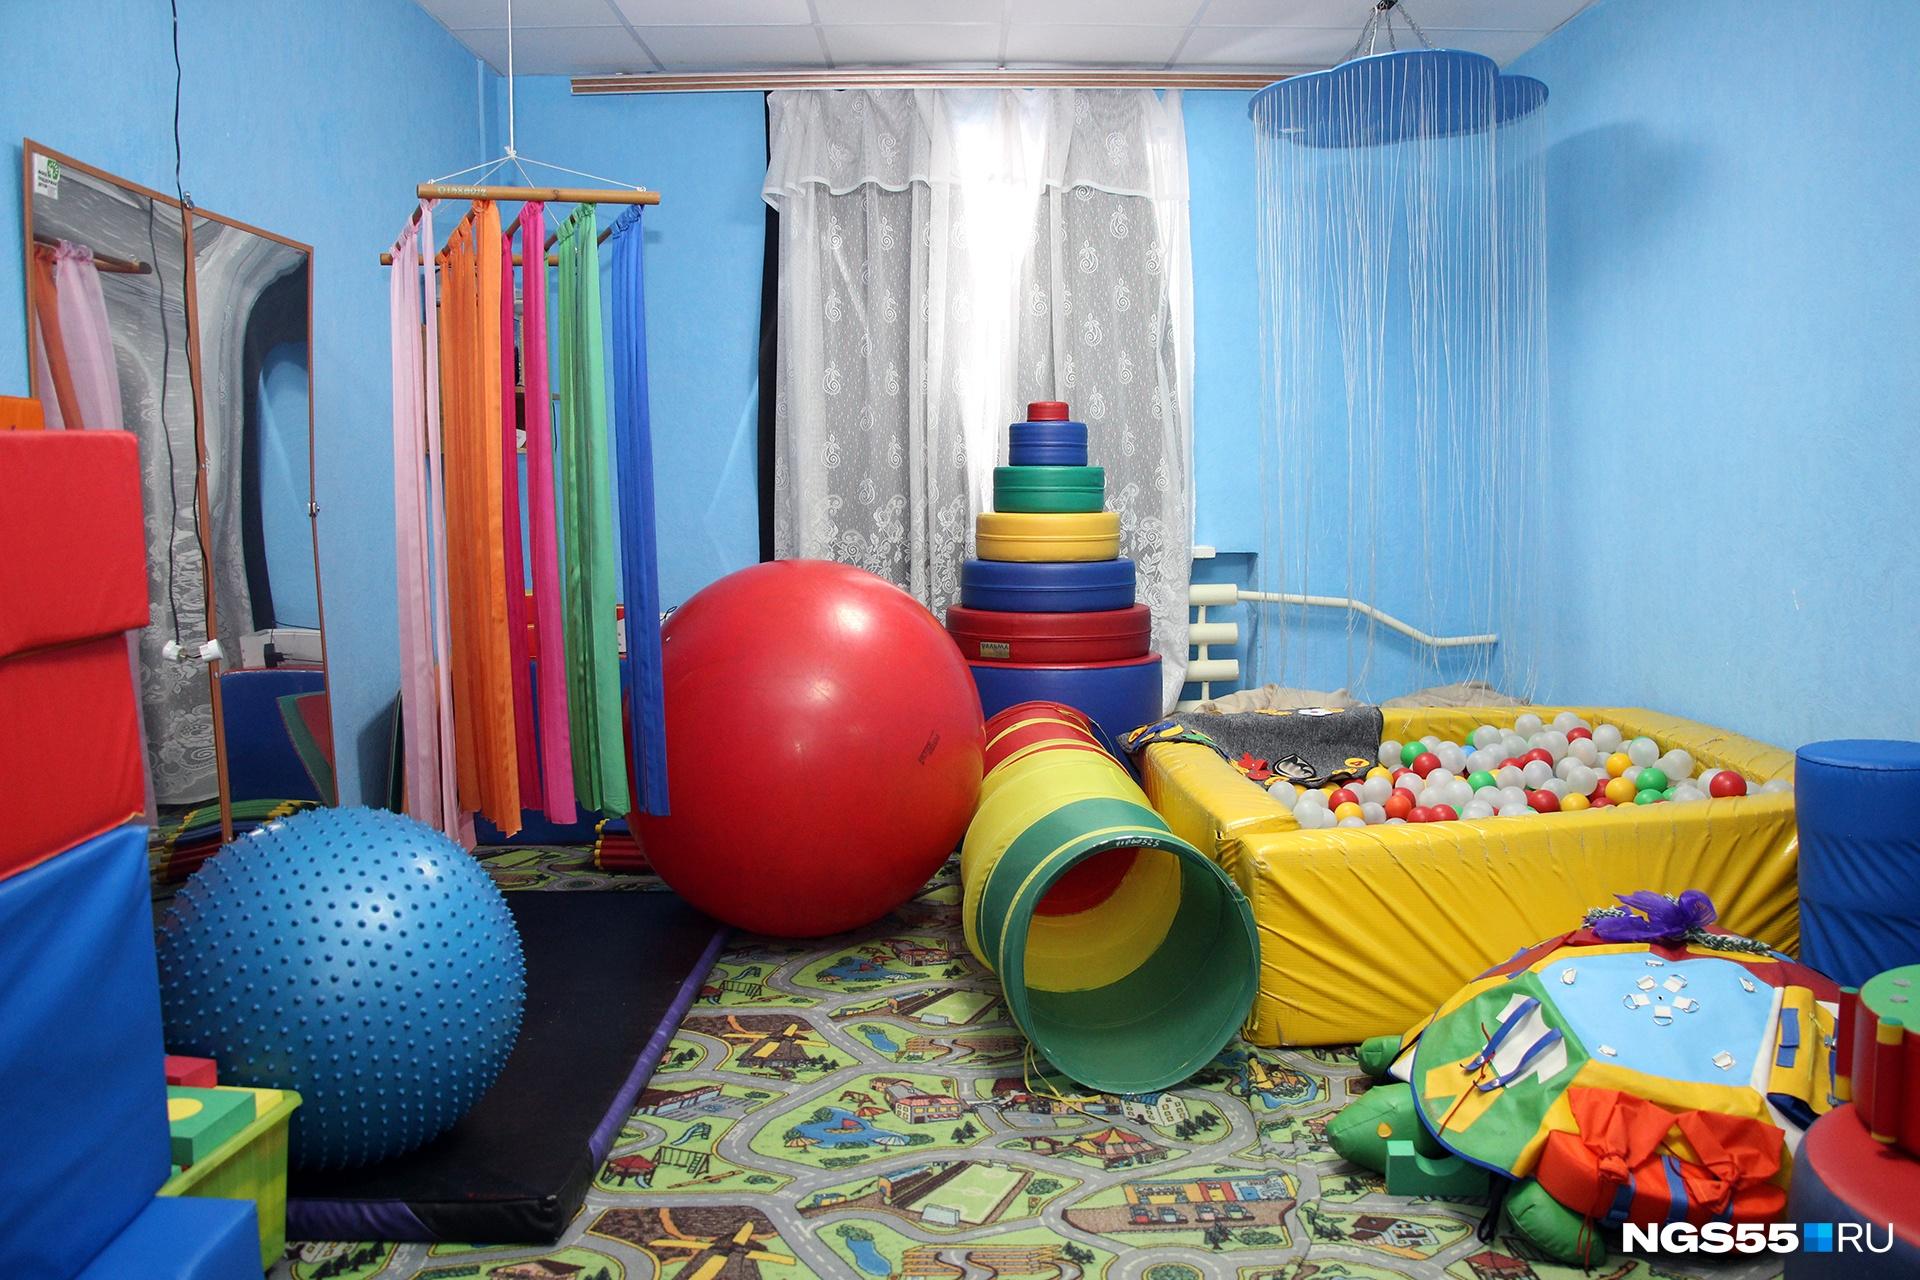 Детская игровая комната. Выгнать детей из бассейна с шариками очень сложно